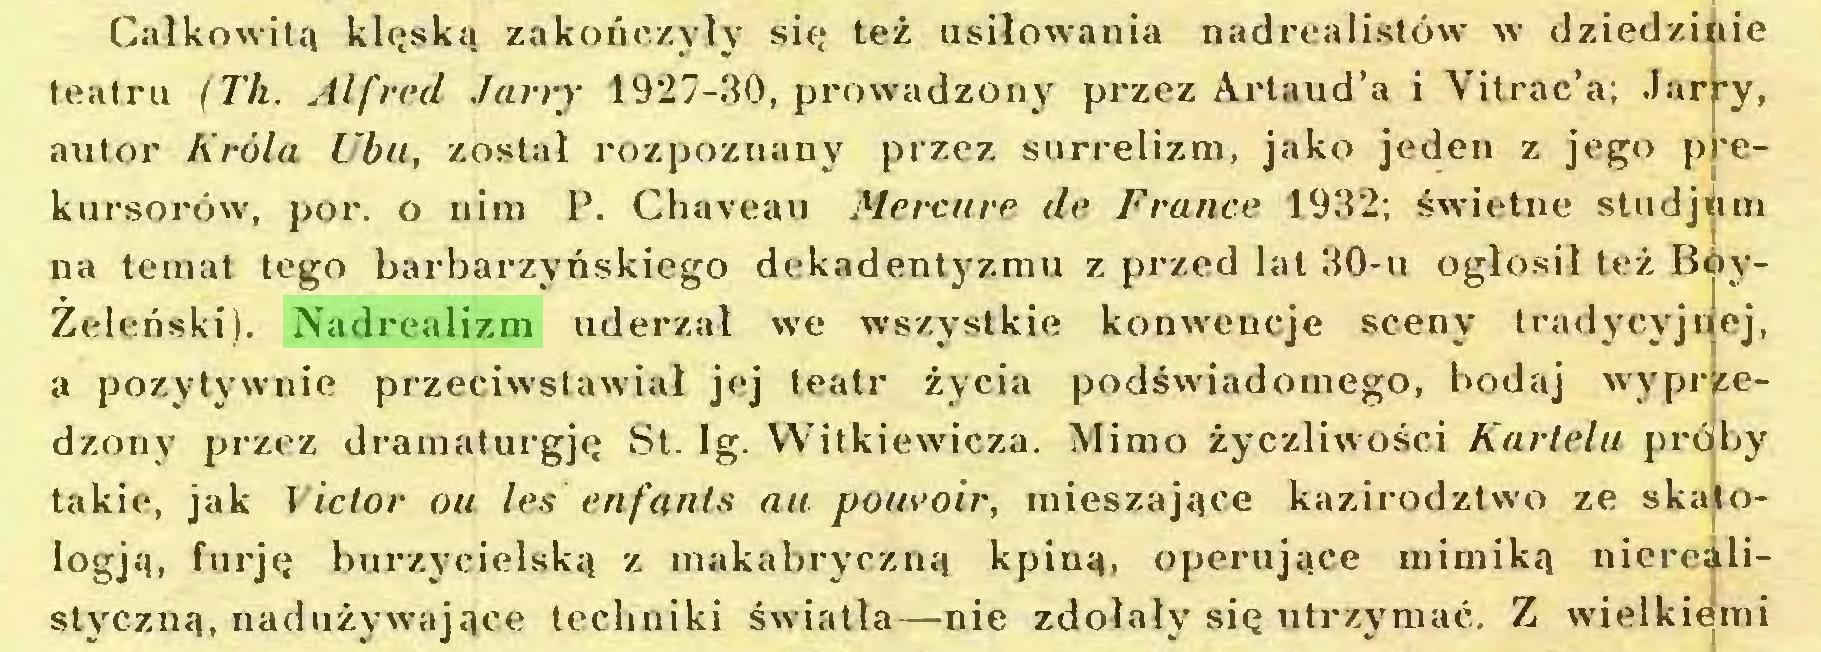 (...) Całkowitą klęską zakończyły się też usiłowania nadrealistów w dziedzinie teatru (Th. Alfred Jarry 1927-30, prowadzony przez Artaud'a i Vitrac'a; Jar^y, autor Króla Ubu, został rozpoznany przez surrelizm, jako jeden z jego p *ekursorów, por. o nim P. Chaveau Mercure de France 1932; świetne studjum na temat tego barbarzyńskiego dekadentyzmu z przed lat 30-u ogłosił też BoyŻeleński). Nadrealizm uderzał we wszystkie konwencje sceny tradycyjnej, a pozytywnie przeciwstawiał jej teatr życia podświadomego, bodaj wyprzedzony przez dramaturgję St. Ig. Witkiewicza. Mimo życzliwości Kartelu próby takie, jak Victor ou les enfants au pouvoir, mieszające kazirodztwo ze skalologją, furję burzycielską z makabryczną kpiną, operujące mimiką nierealistyczną, nadużywające techniki światła—nie zdołały się utrzymać. Z wielkiemi...